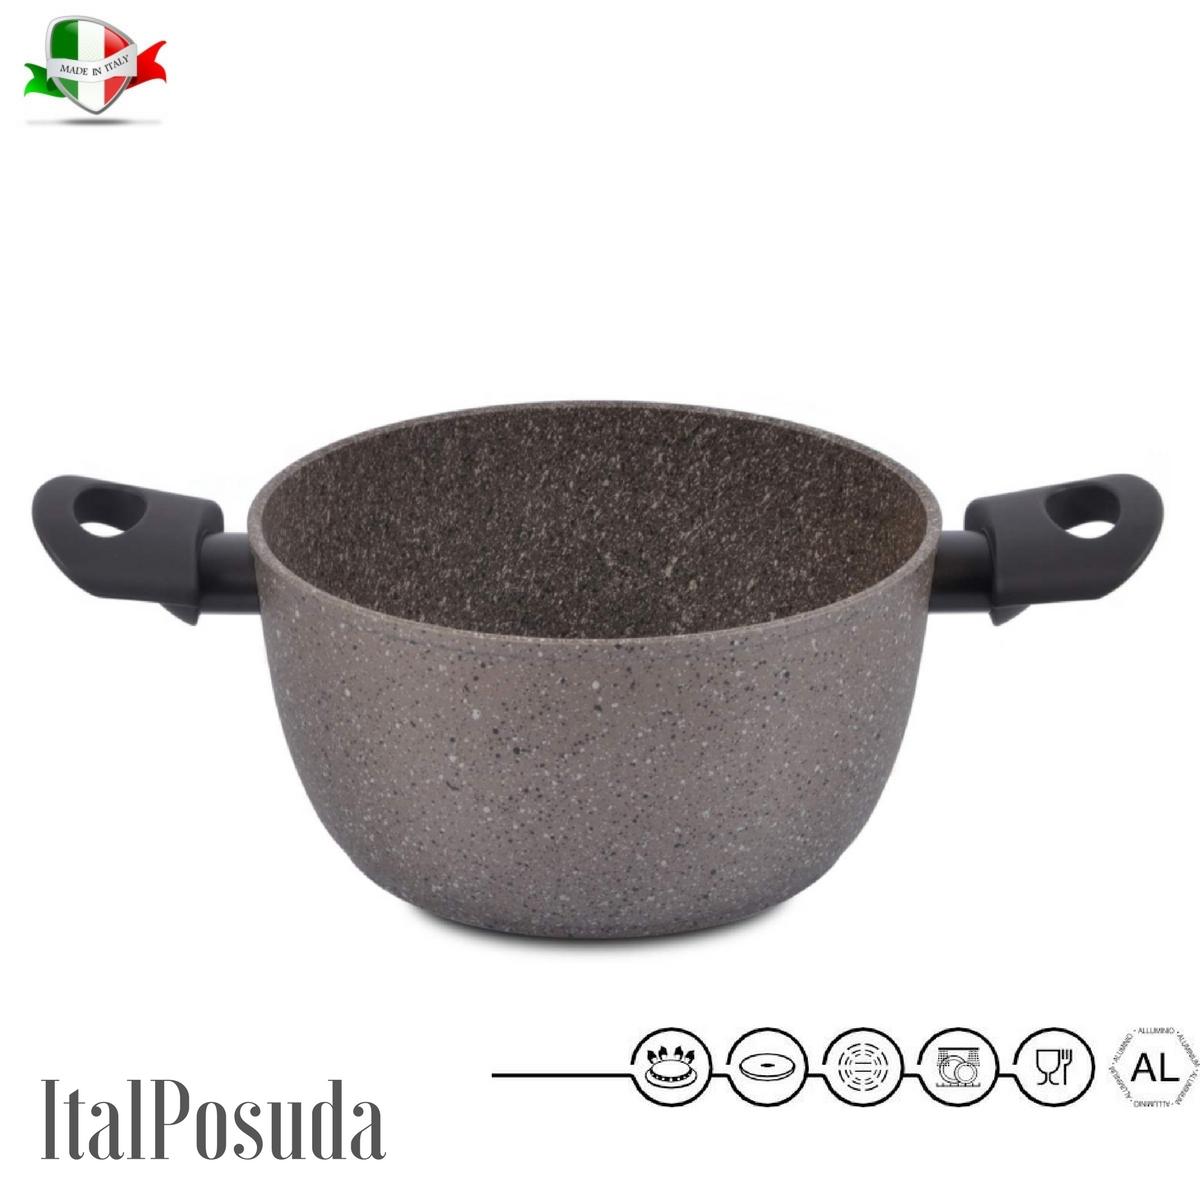 www.ital-posuda.ru. TIMA кастрюля 20 см